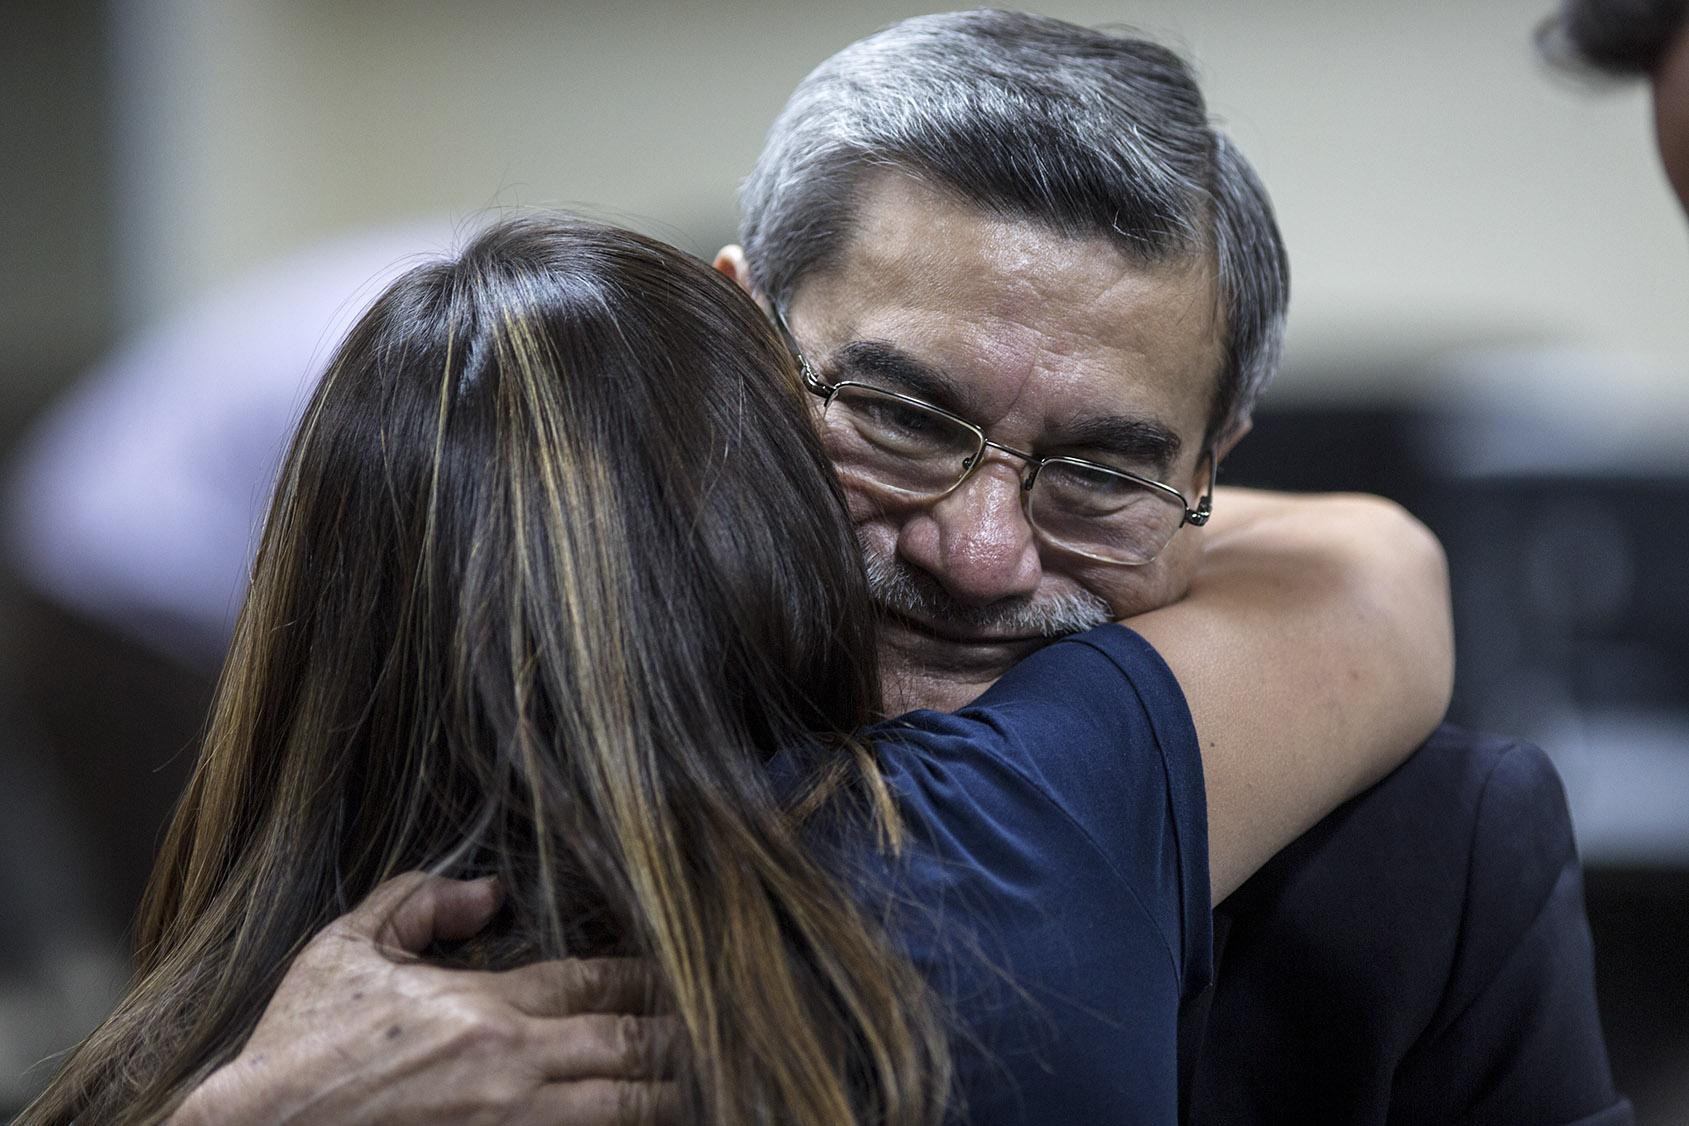 Terminada la sentencia, Rodríguez Sánchez abraza a su hija, celebrando la absolución con toda la familia. Foto de Simone Dalmasso / Plaza Pública.